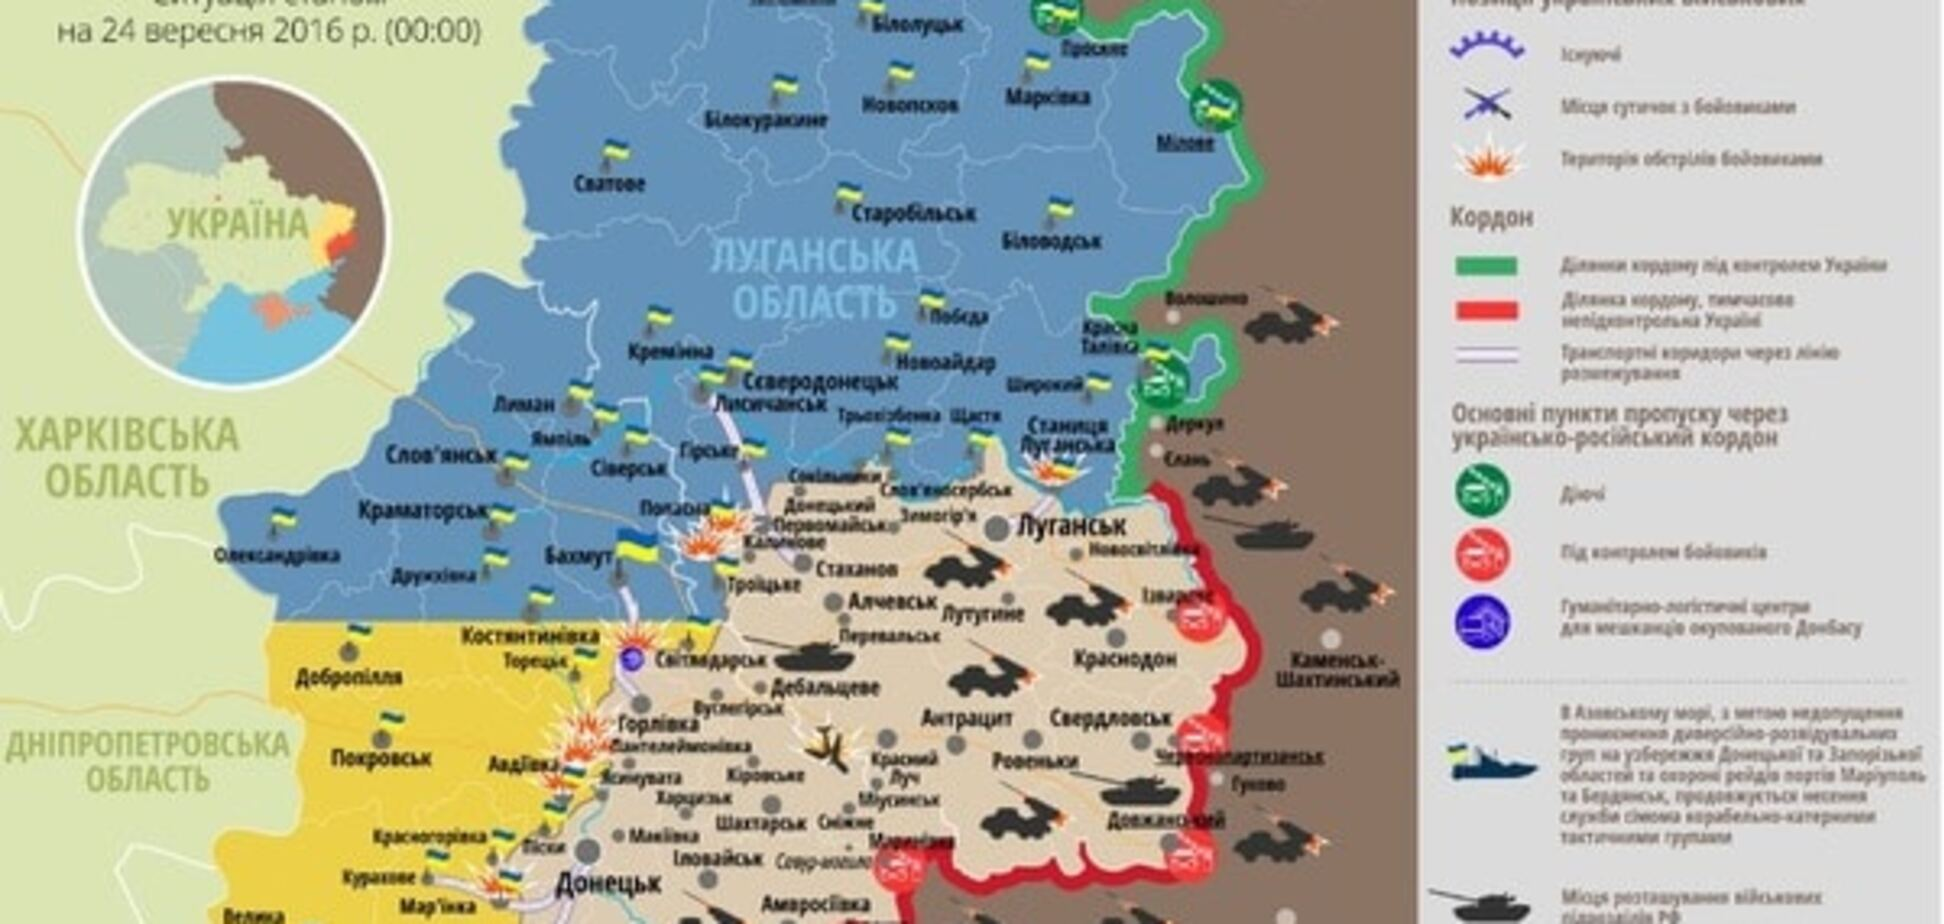 Бійці ЗСУ зазнали втрат на Донбасі